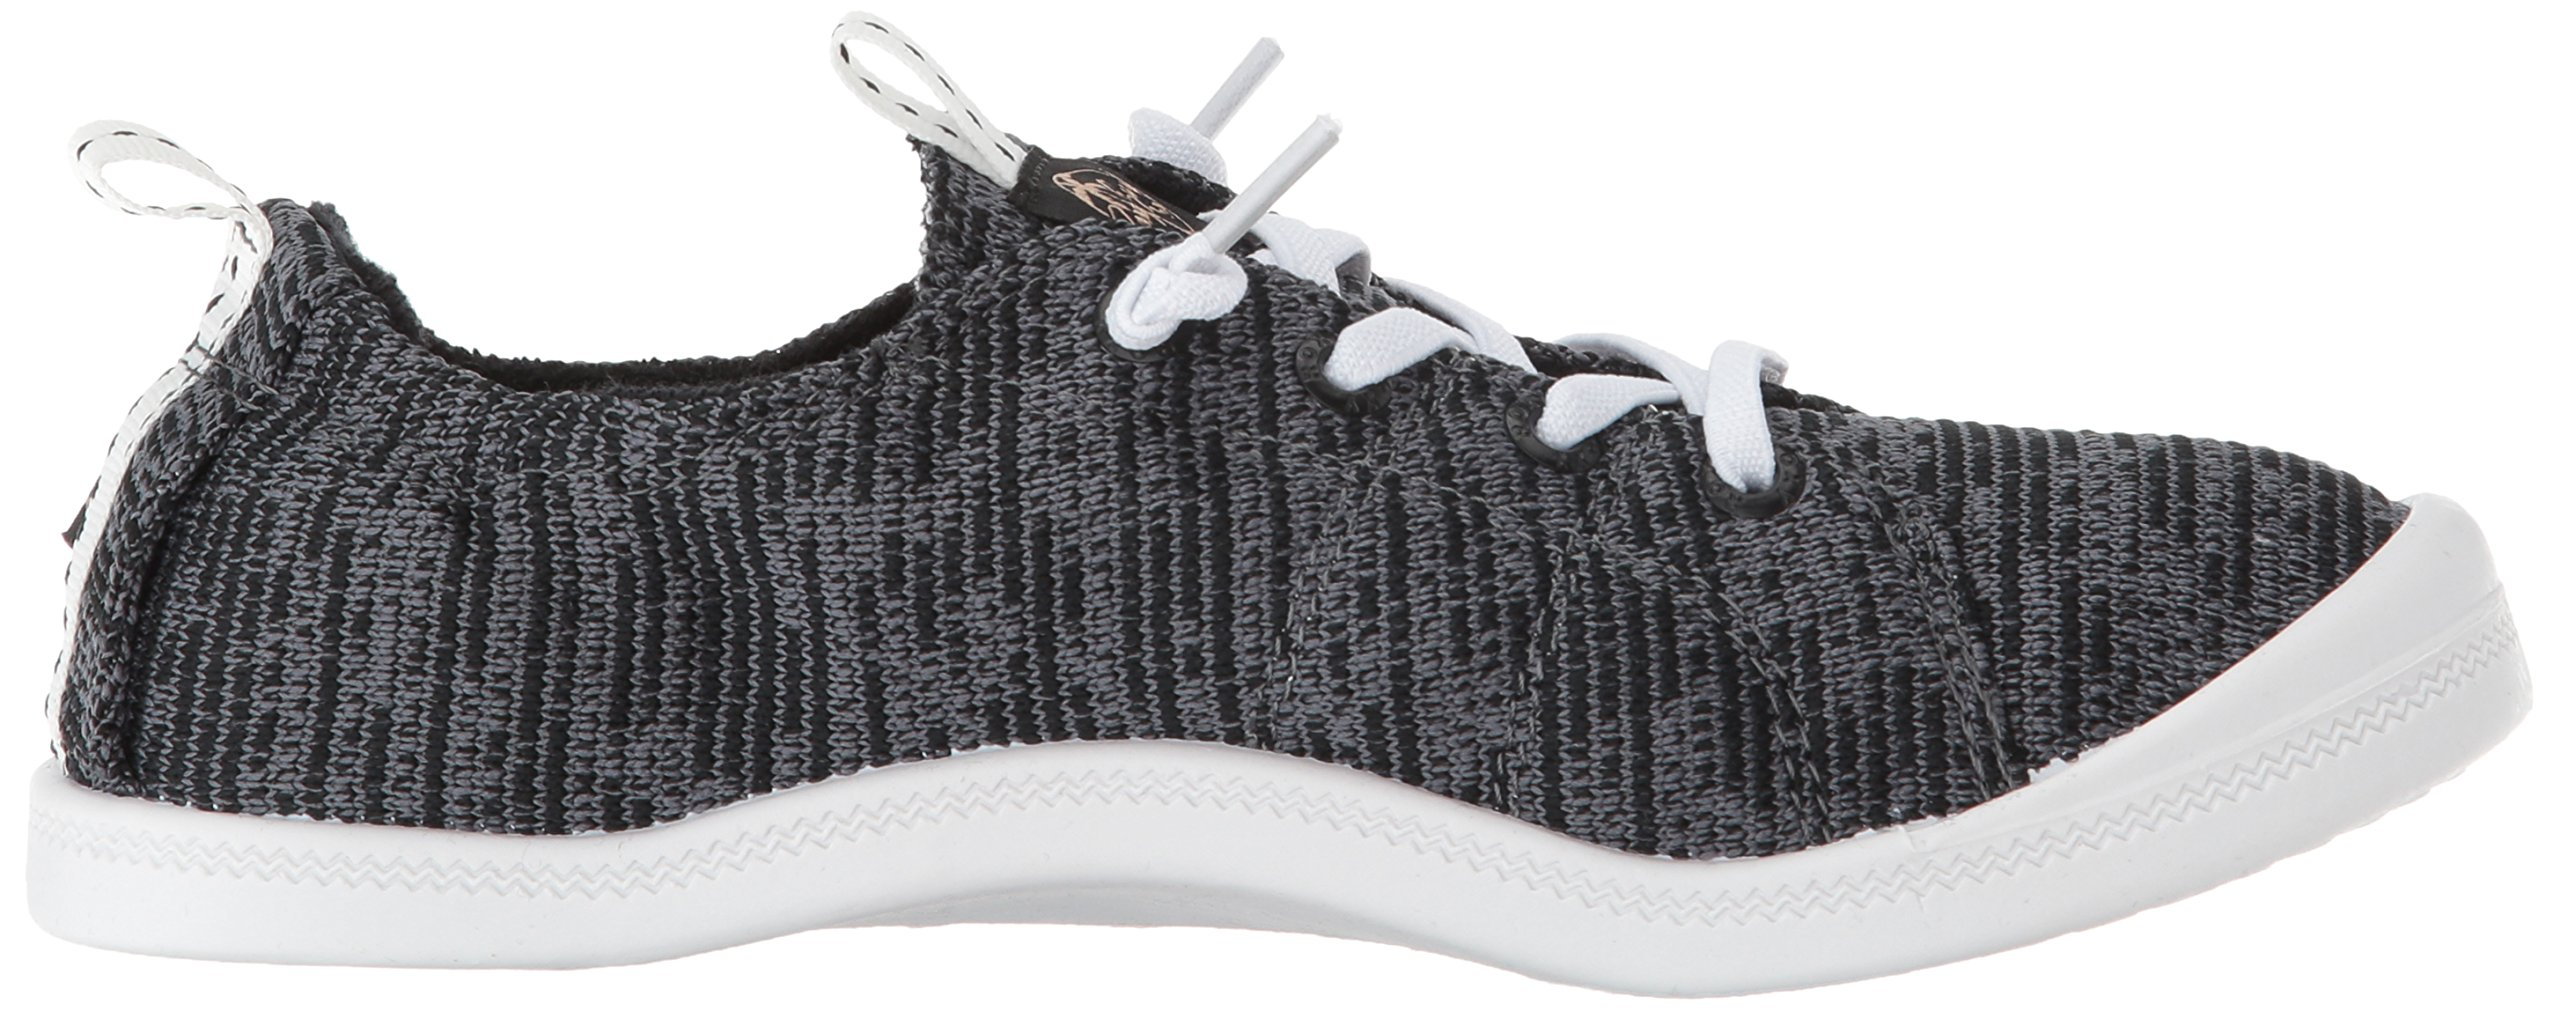 Roxy Women's Bayshore Sport Slip on Shoe Fashion Sneaker, Black, 8.5 M US by Roxy (Image #6)